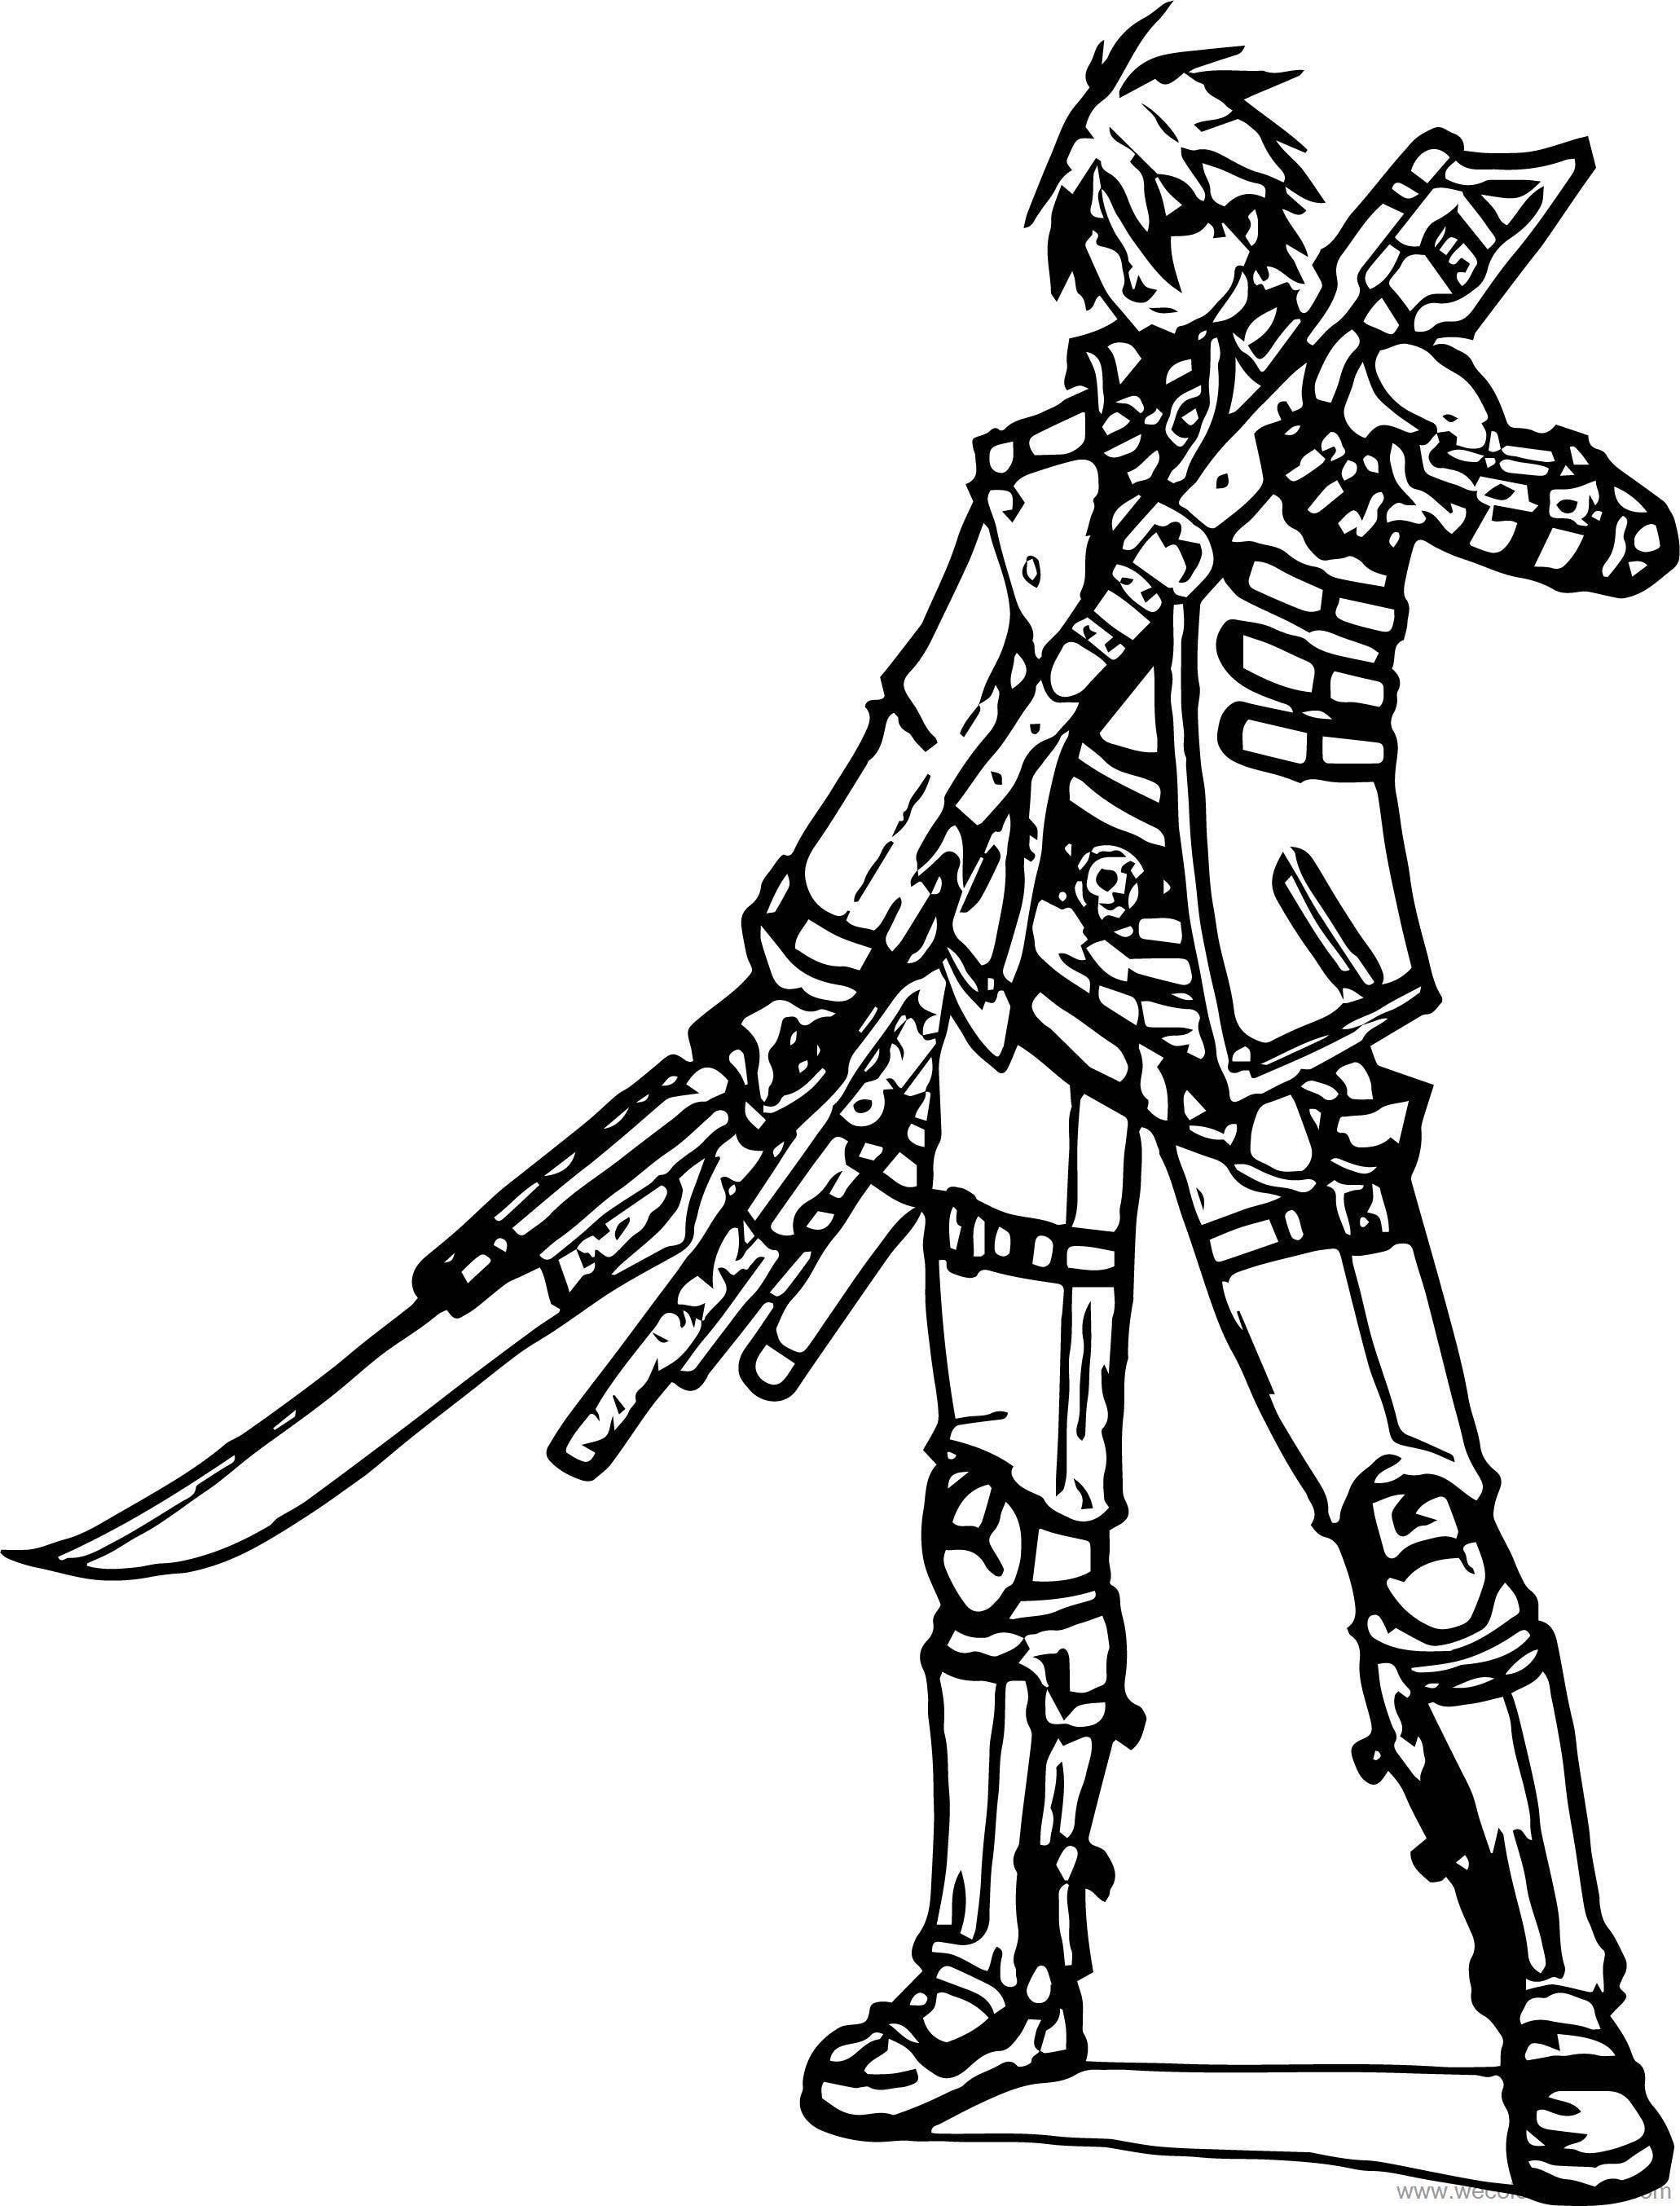 Milkjunkie Ziel Frobisher Character Design Coloring Page